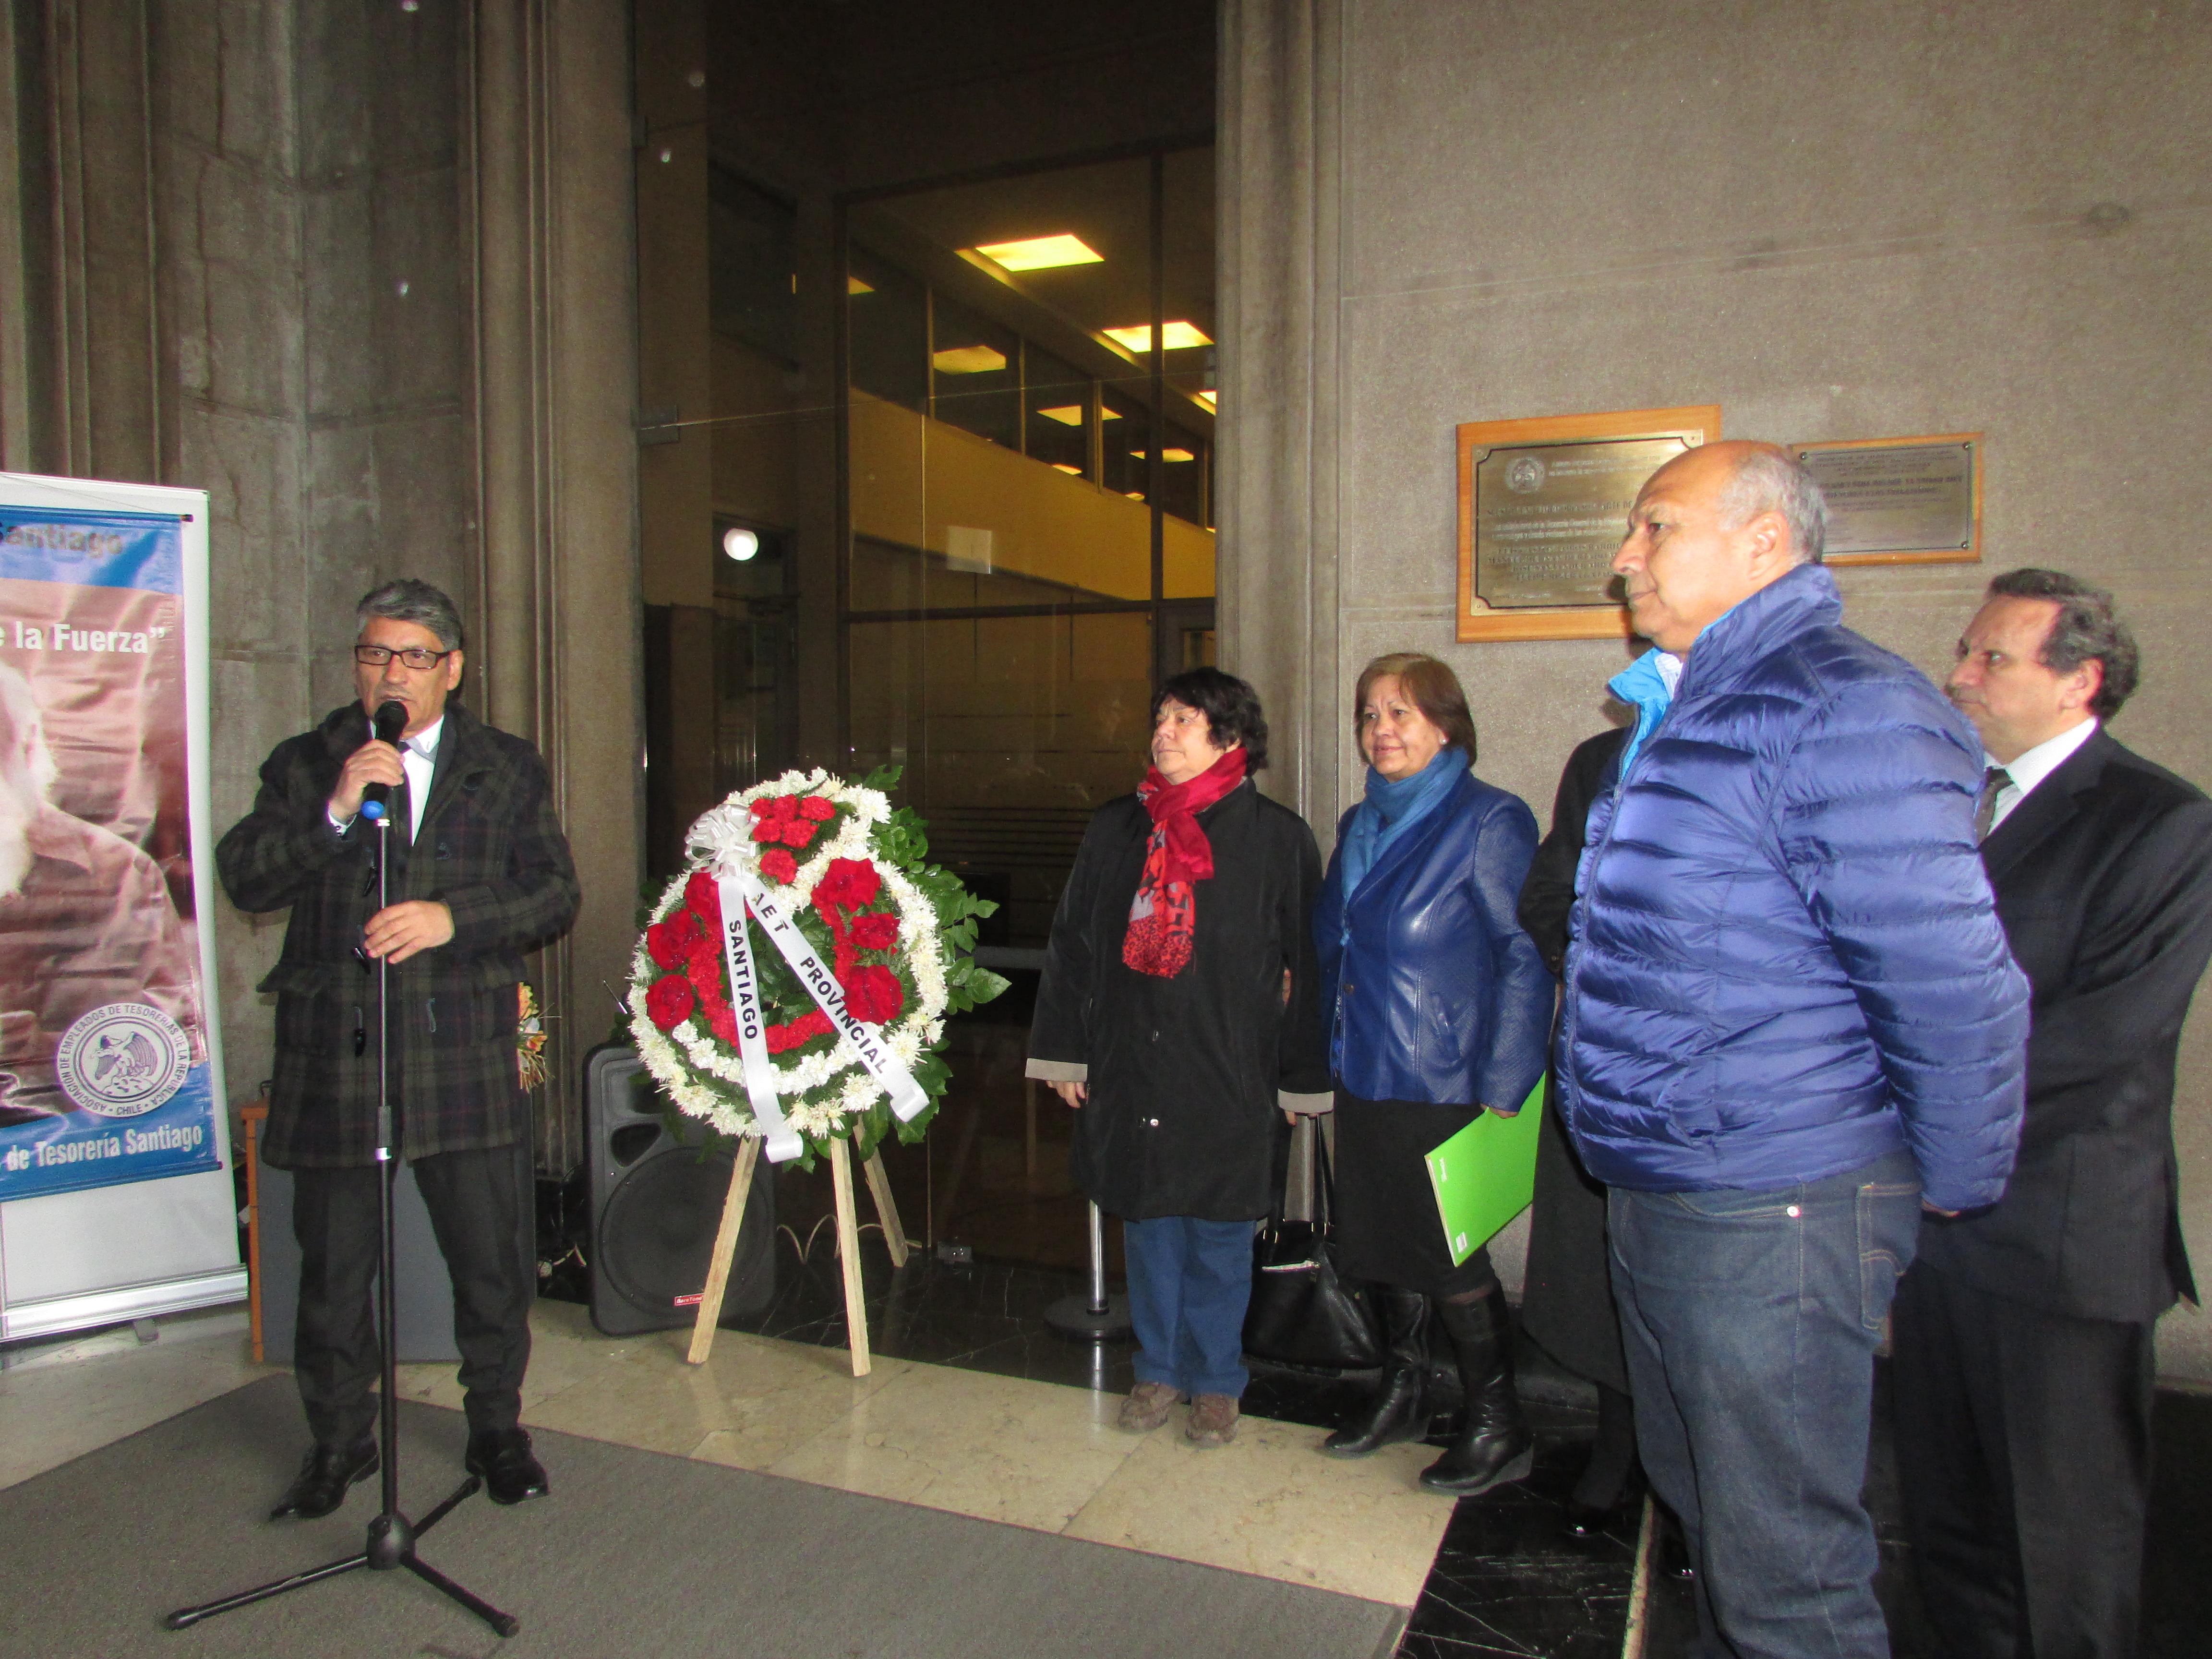 AET Nacional y AET Santiago conmemoran a víctimas del golpe militar - 11 Septiembre 2017